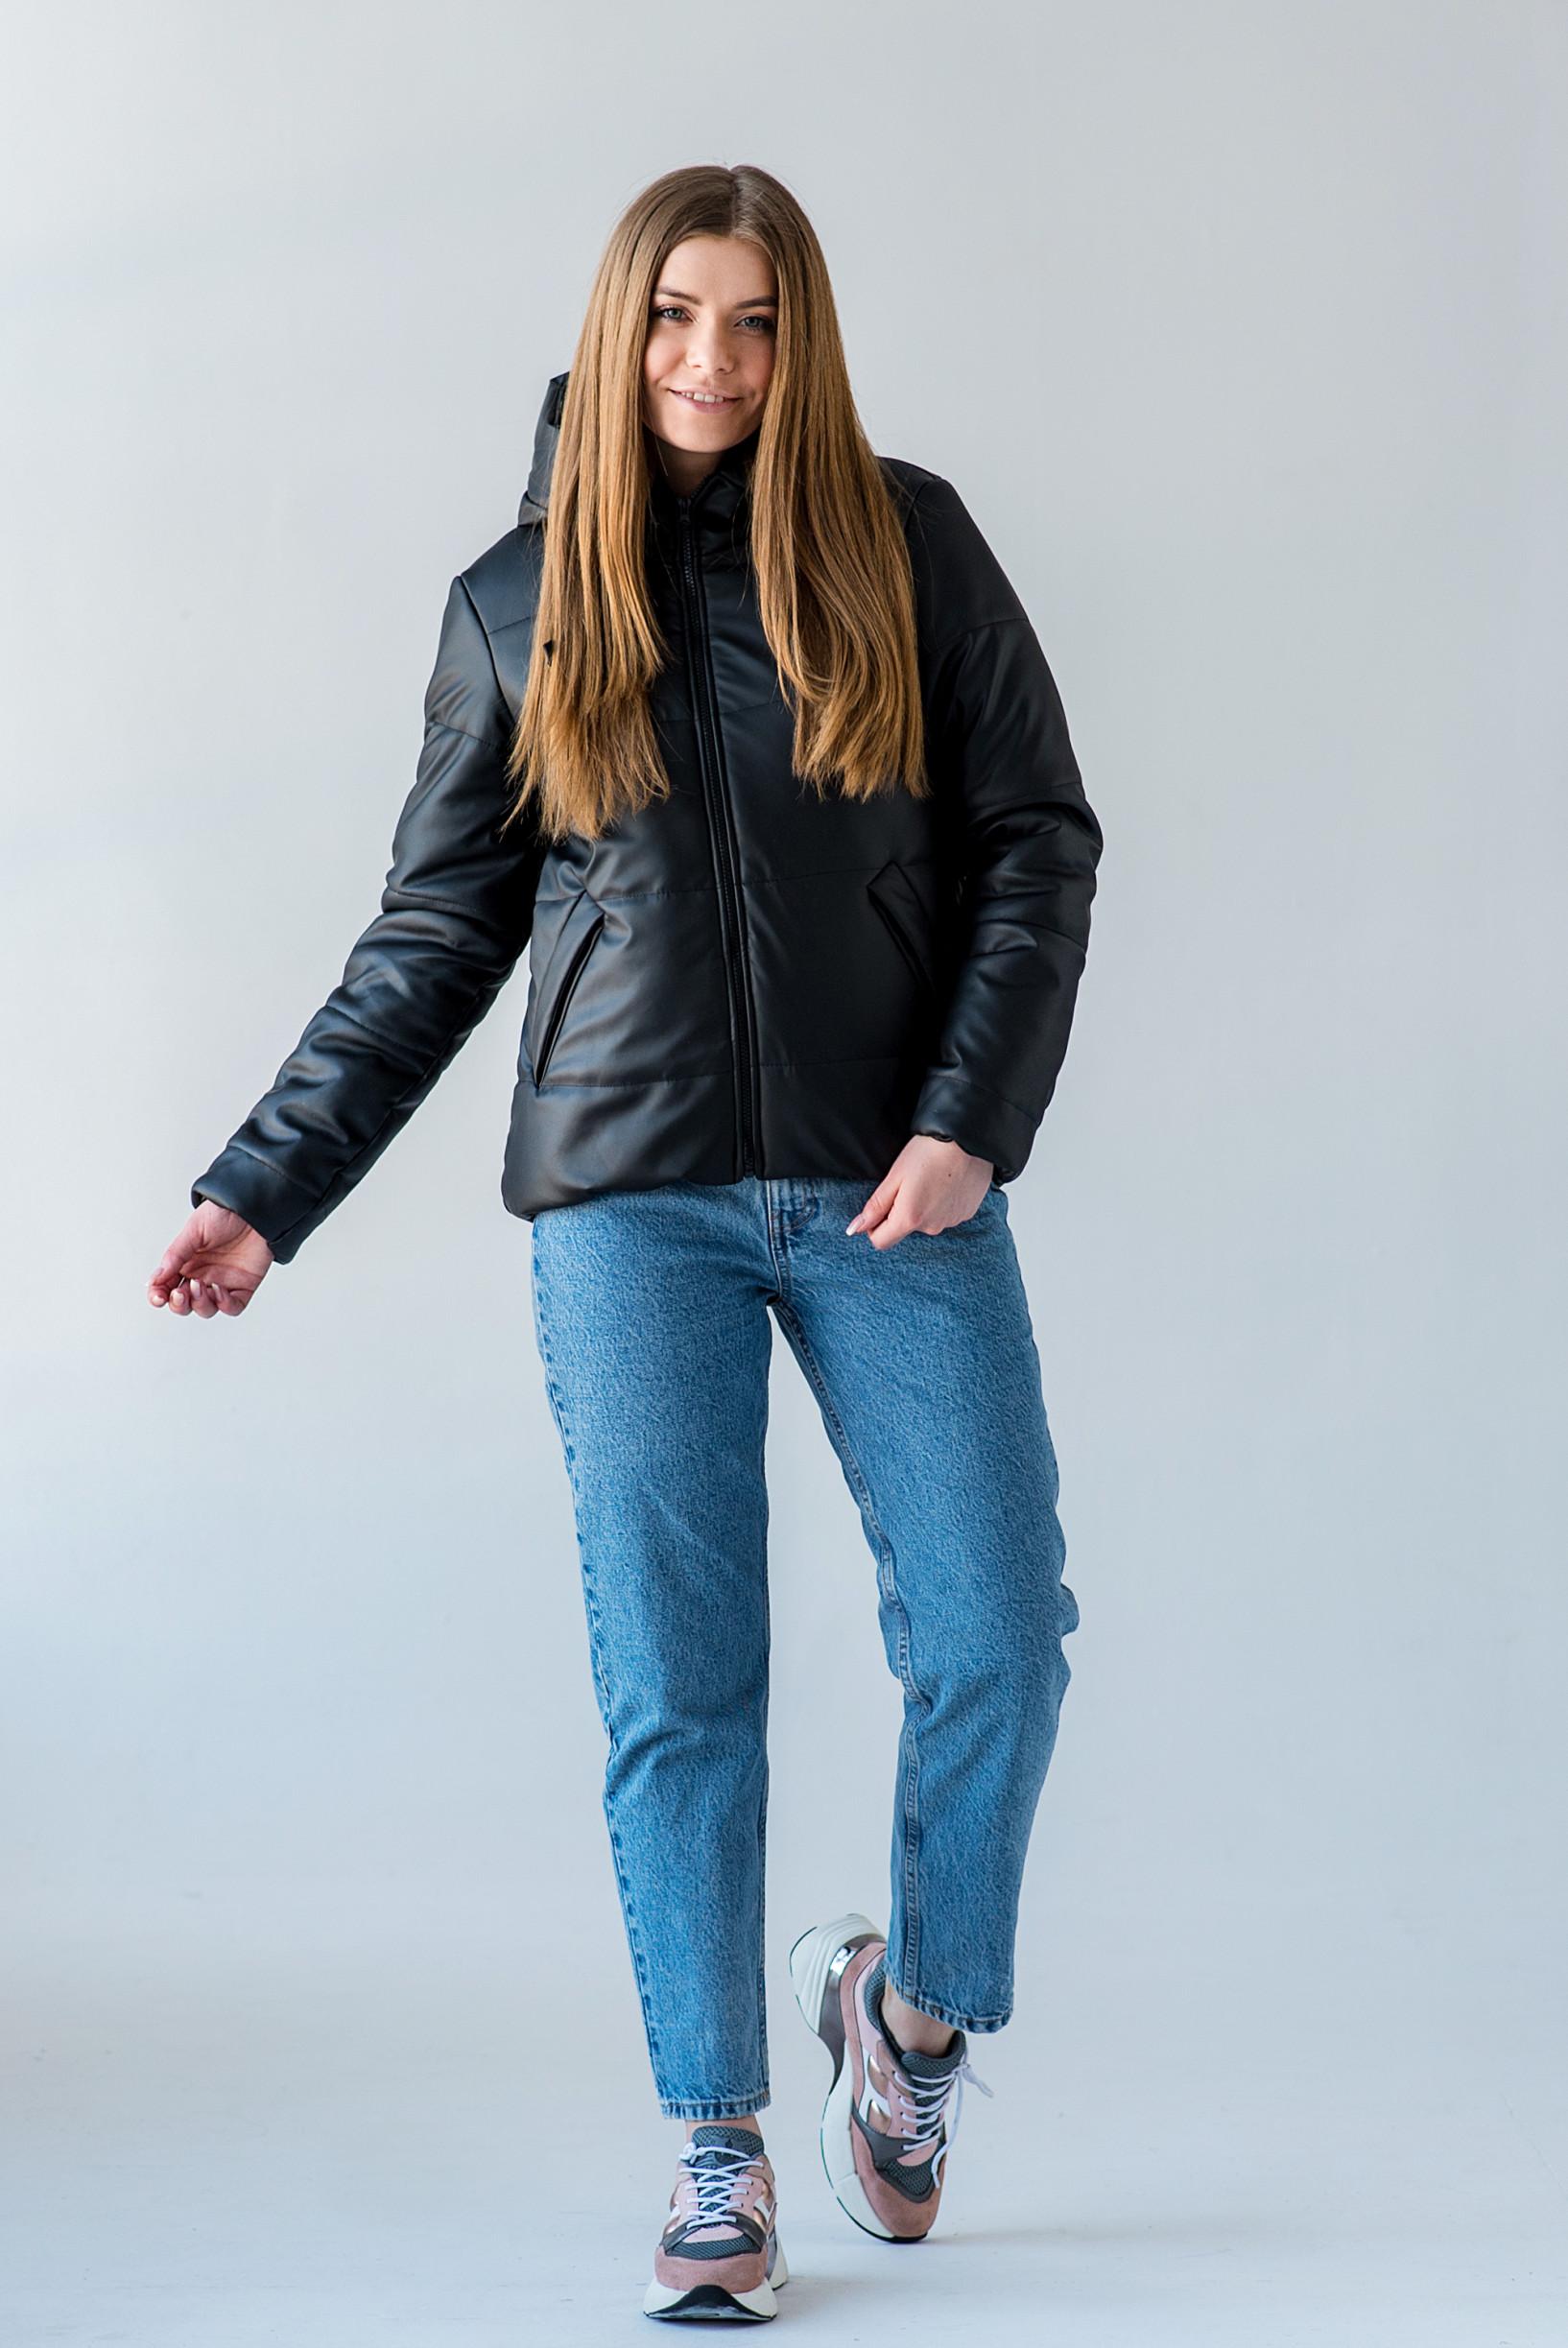 Полуспортивная демисезонная куртка Тутси из эко-кожи чёрная